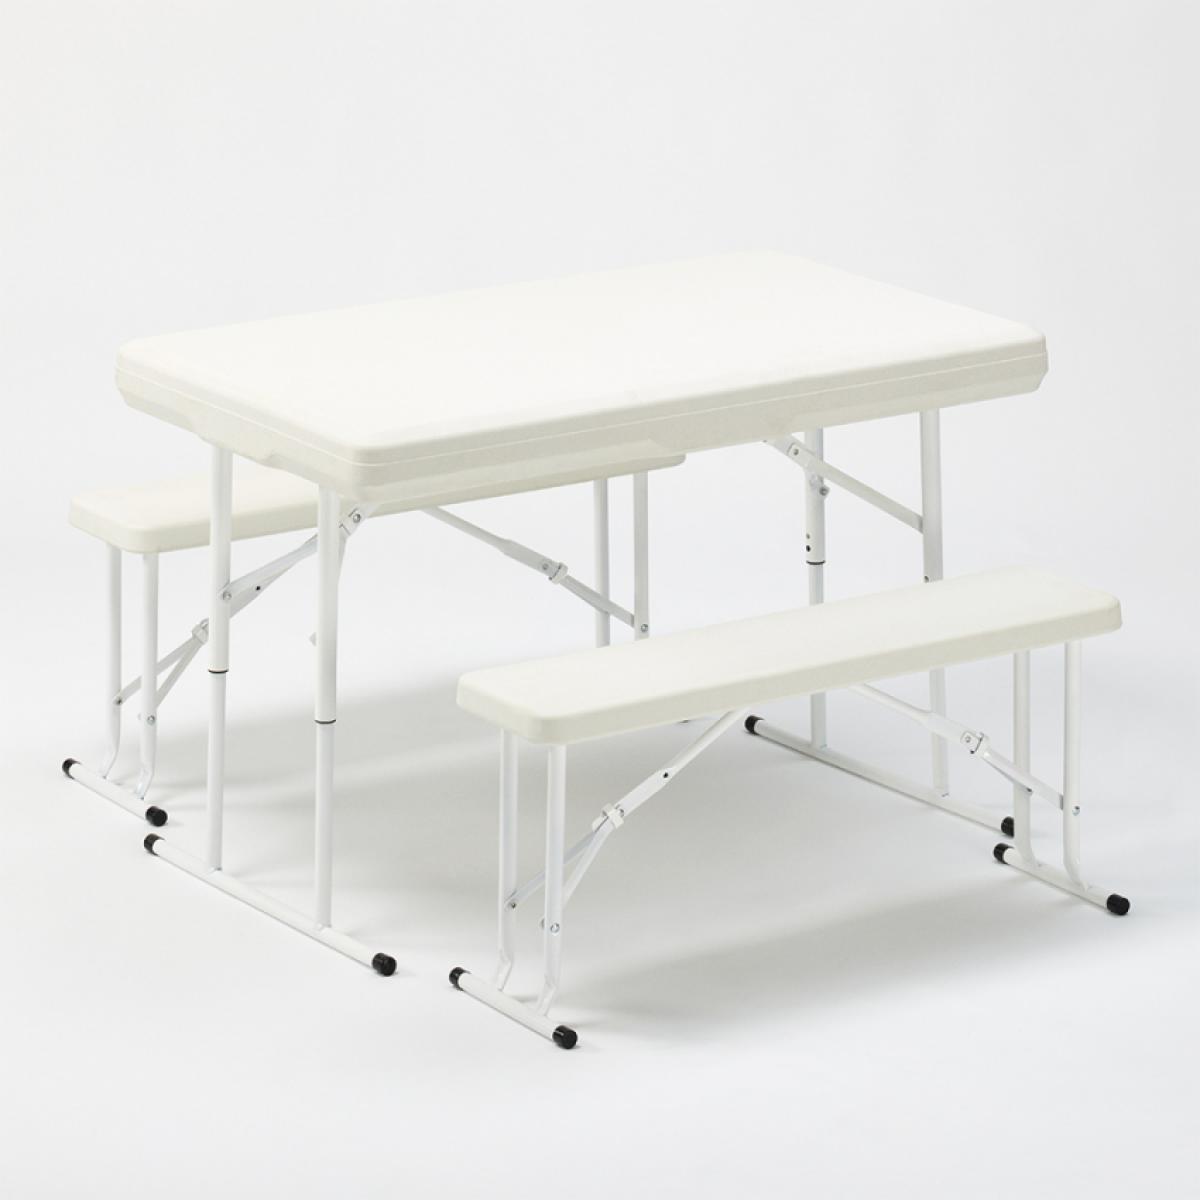 Ahd Amazing Home Design Set de brasserie pliante bancs de table en plastique garden parties 113x68x74 Picnic